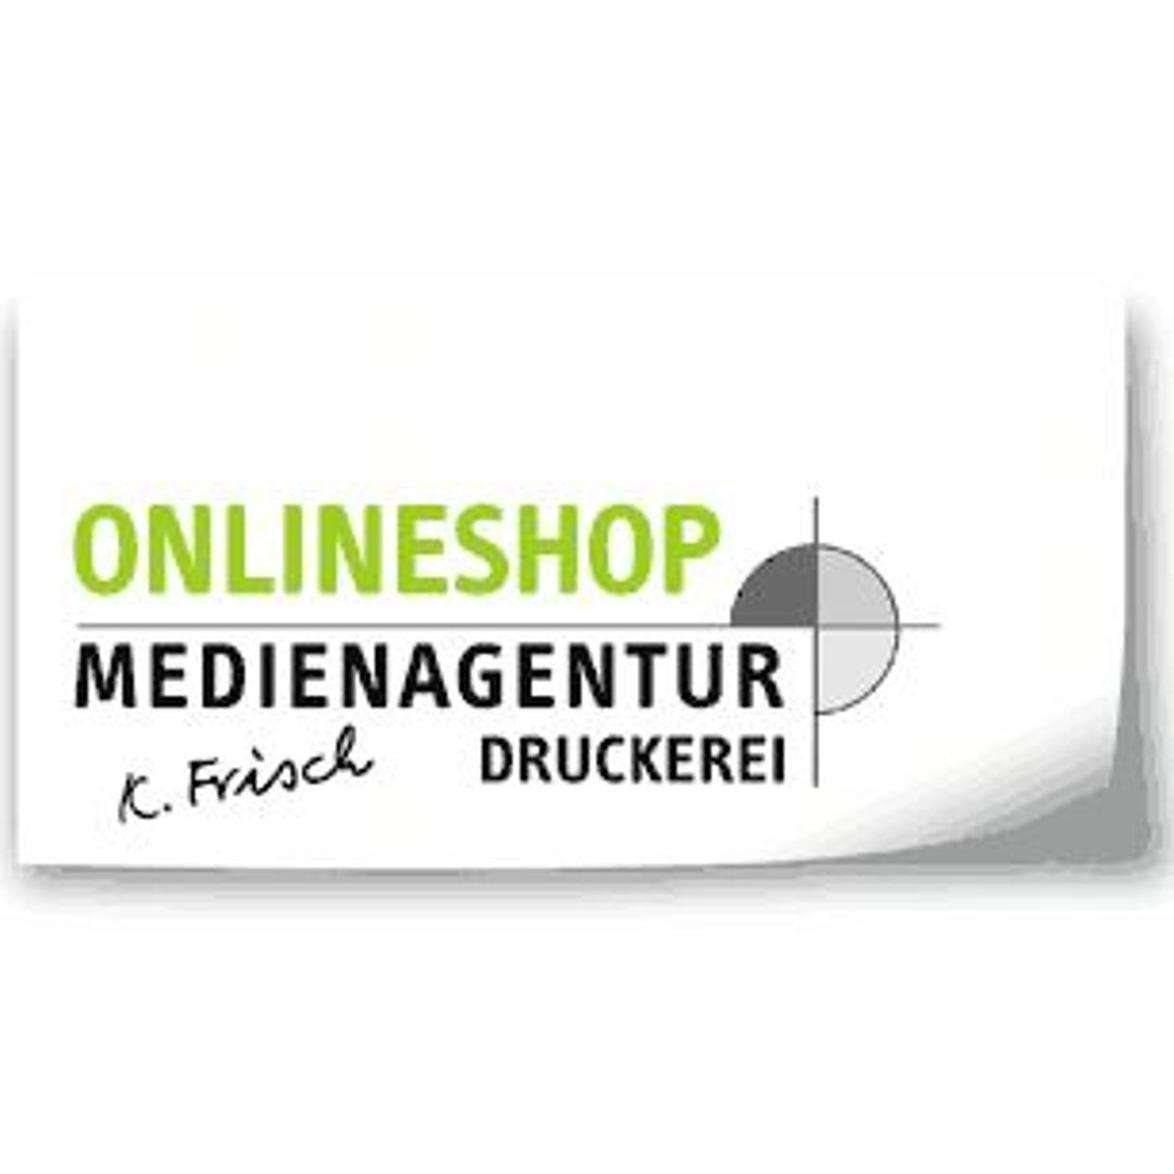 Medienagentur & Druckerei Frisch